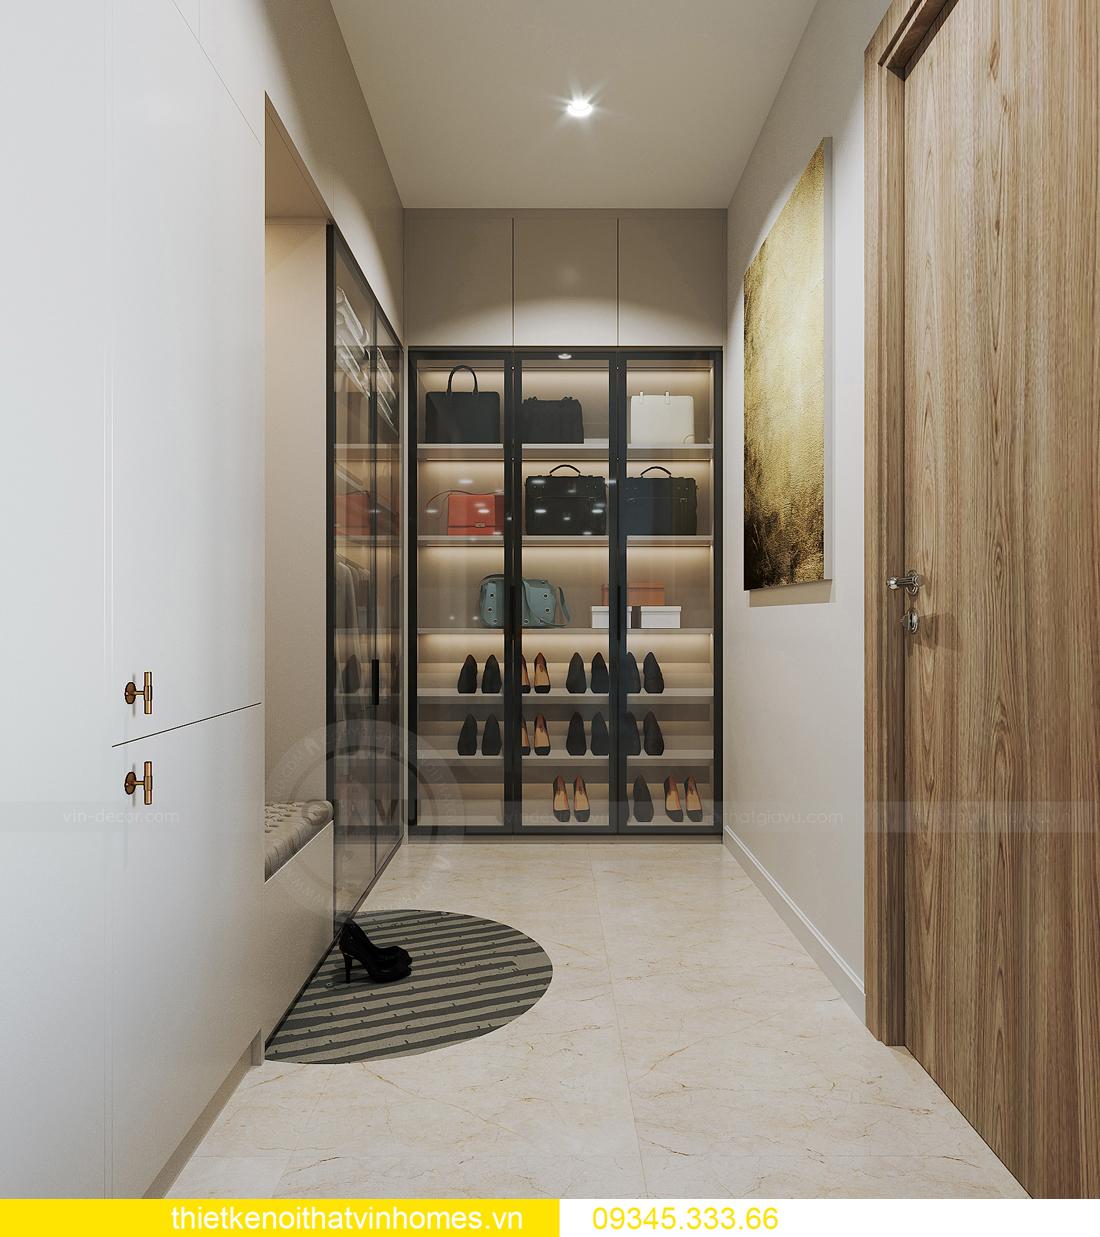 thiết kế nội thất căn hộ Vinhomes Smart City tòa S201 căn 03 6